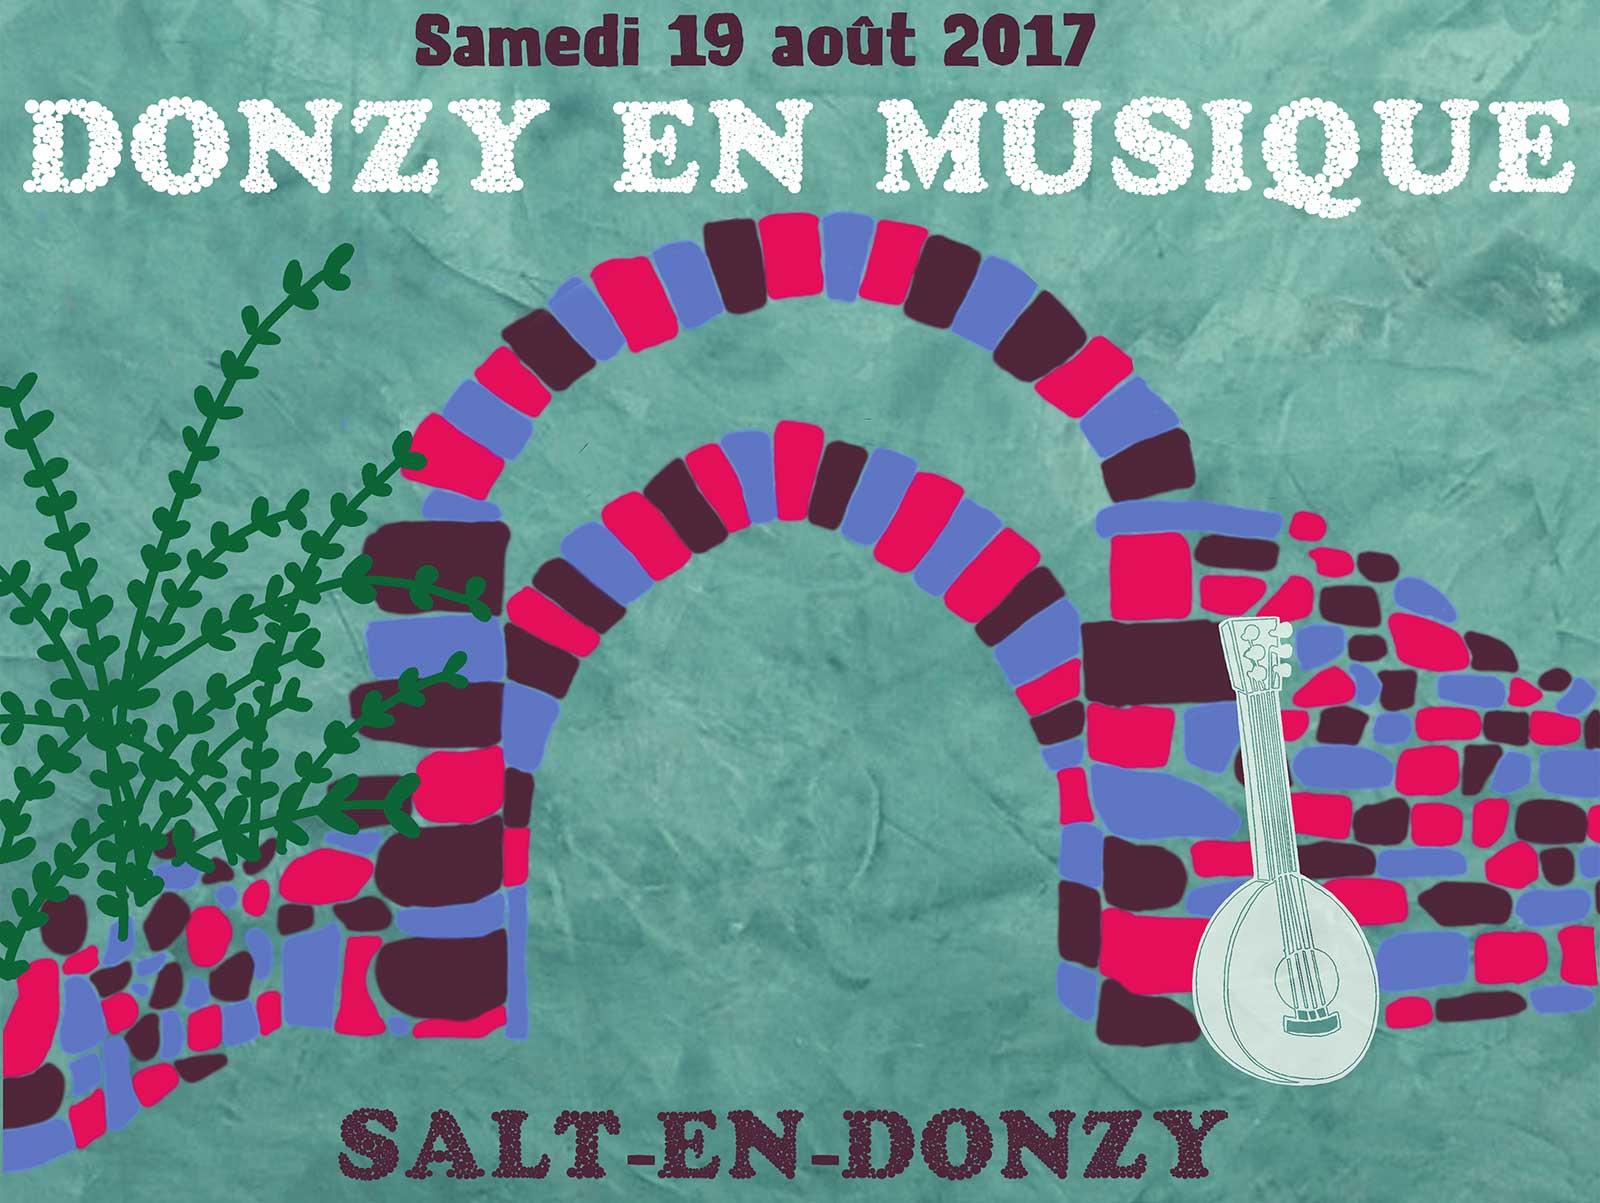 Donzy en musique 2017